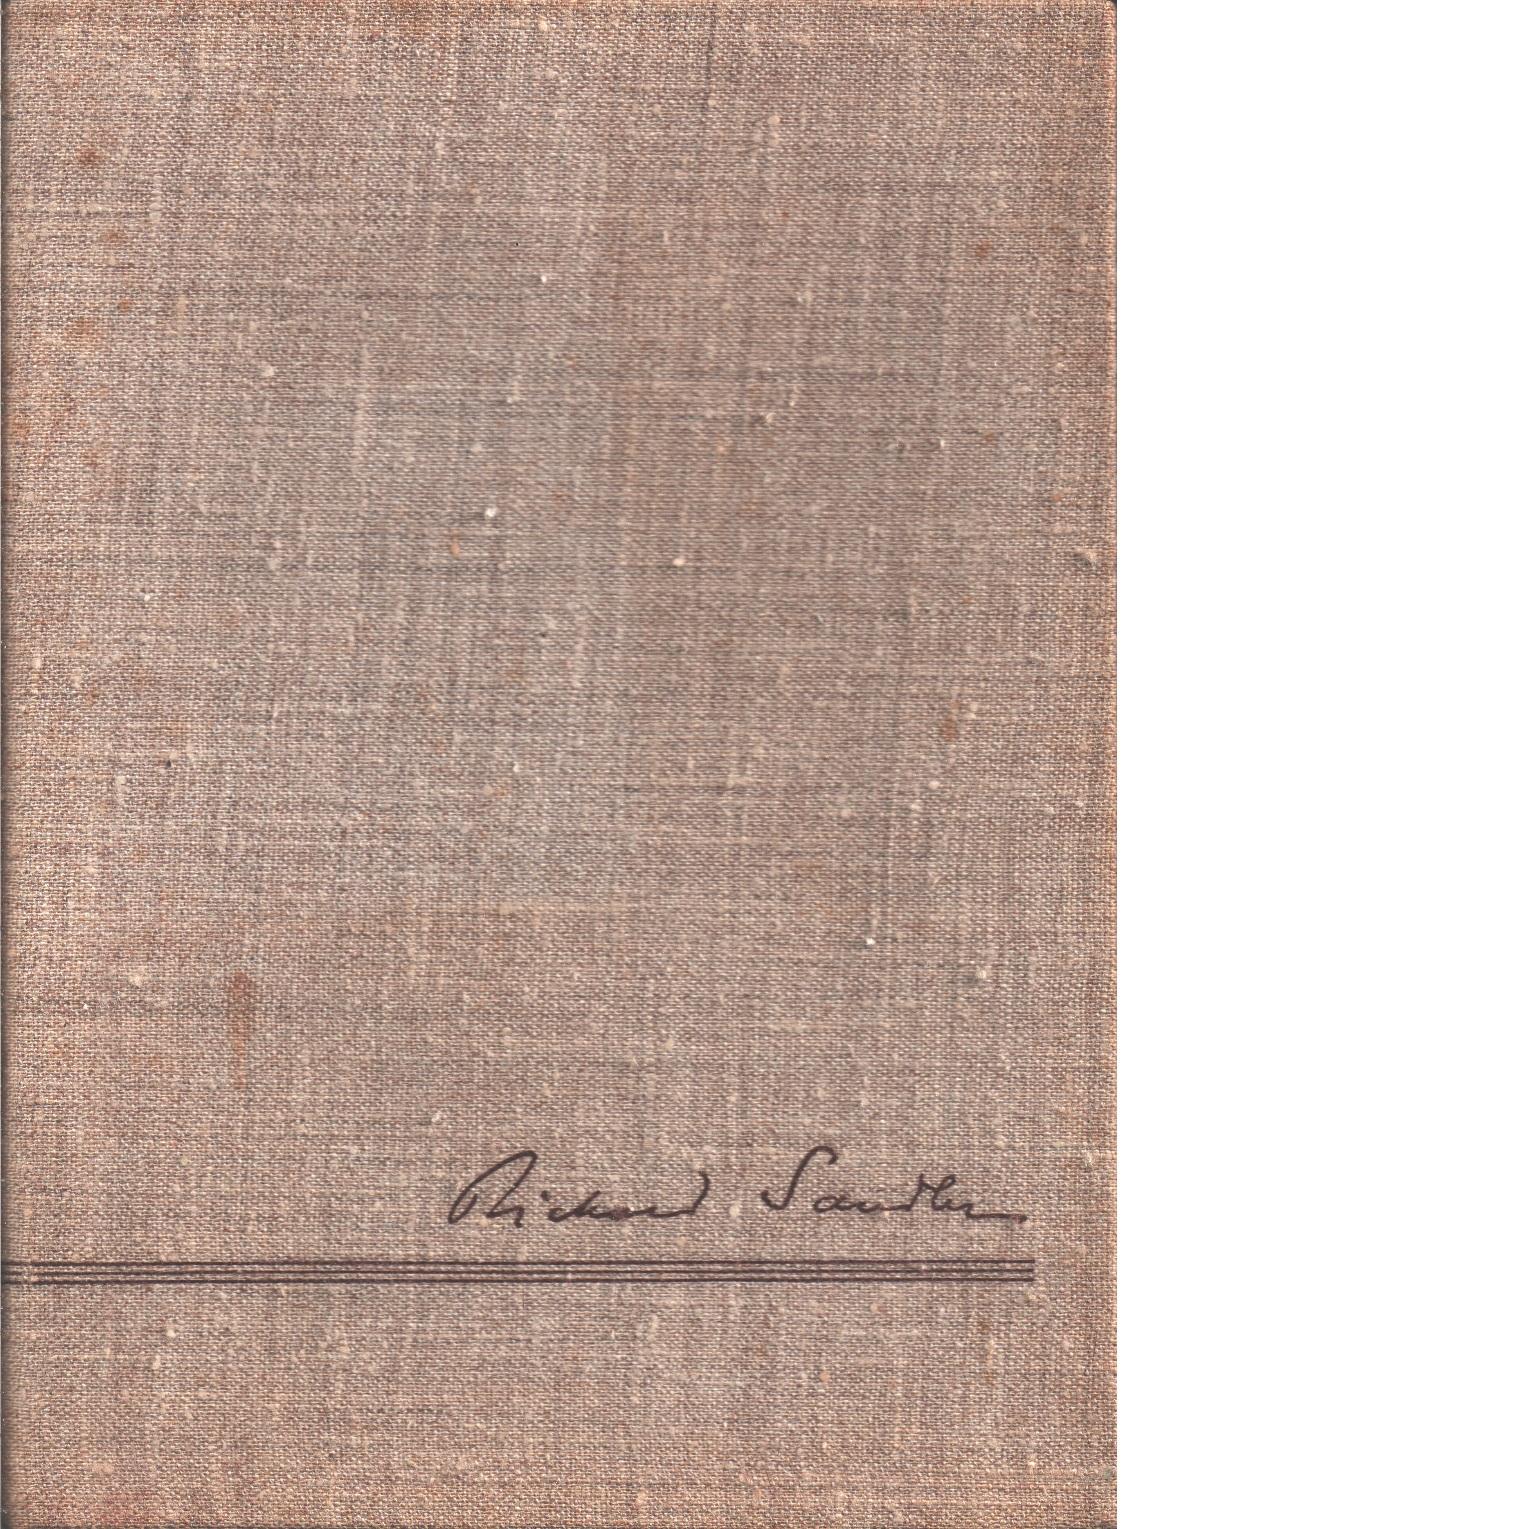 En bok till Rickard Sandler : på 60-årsdagen den 29 januari 1944 c - Red.